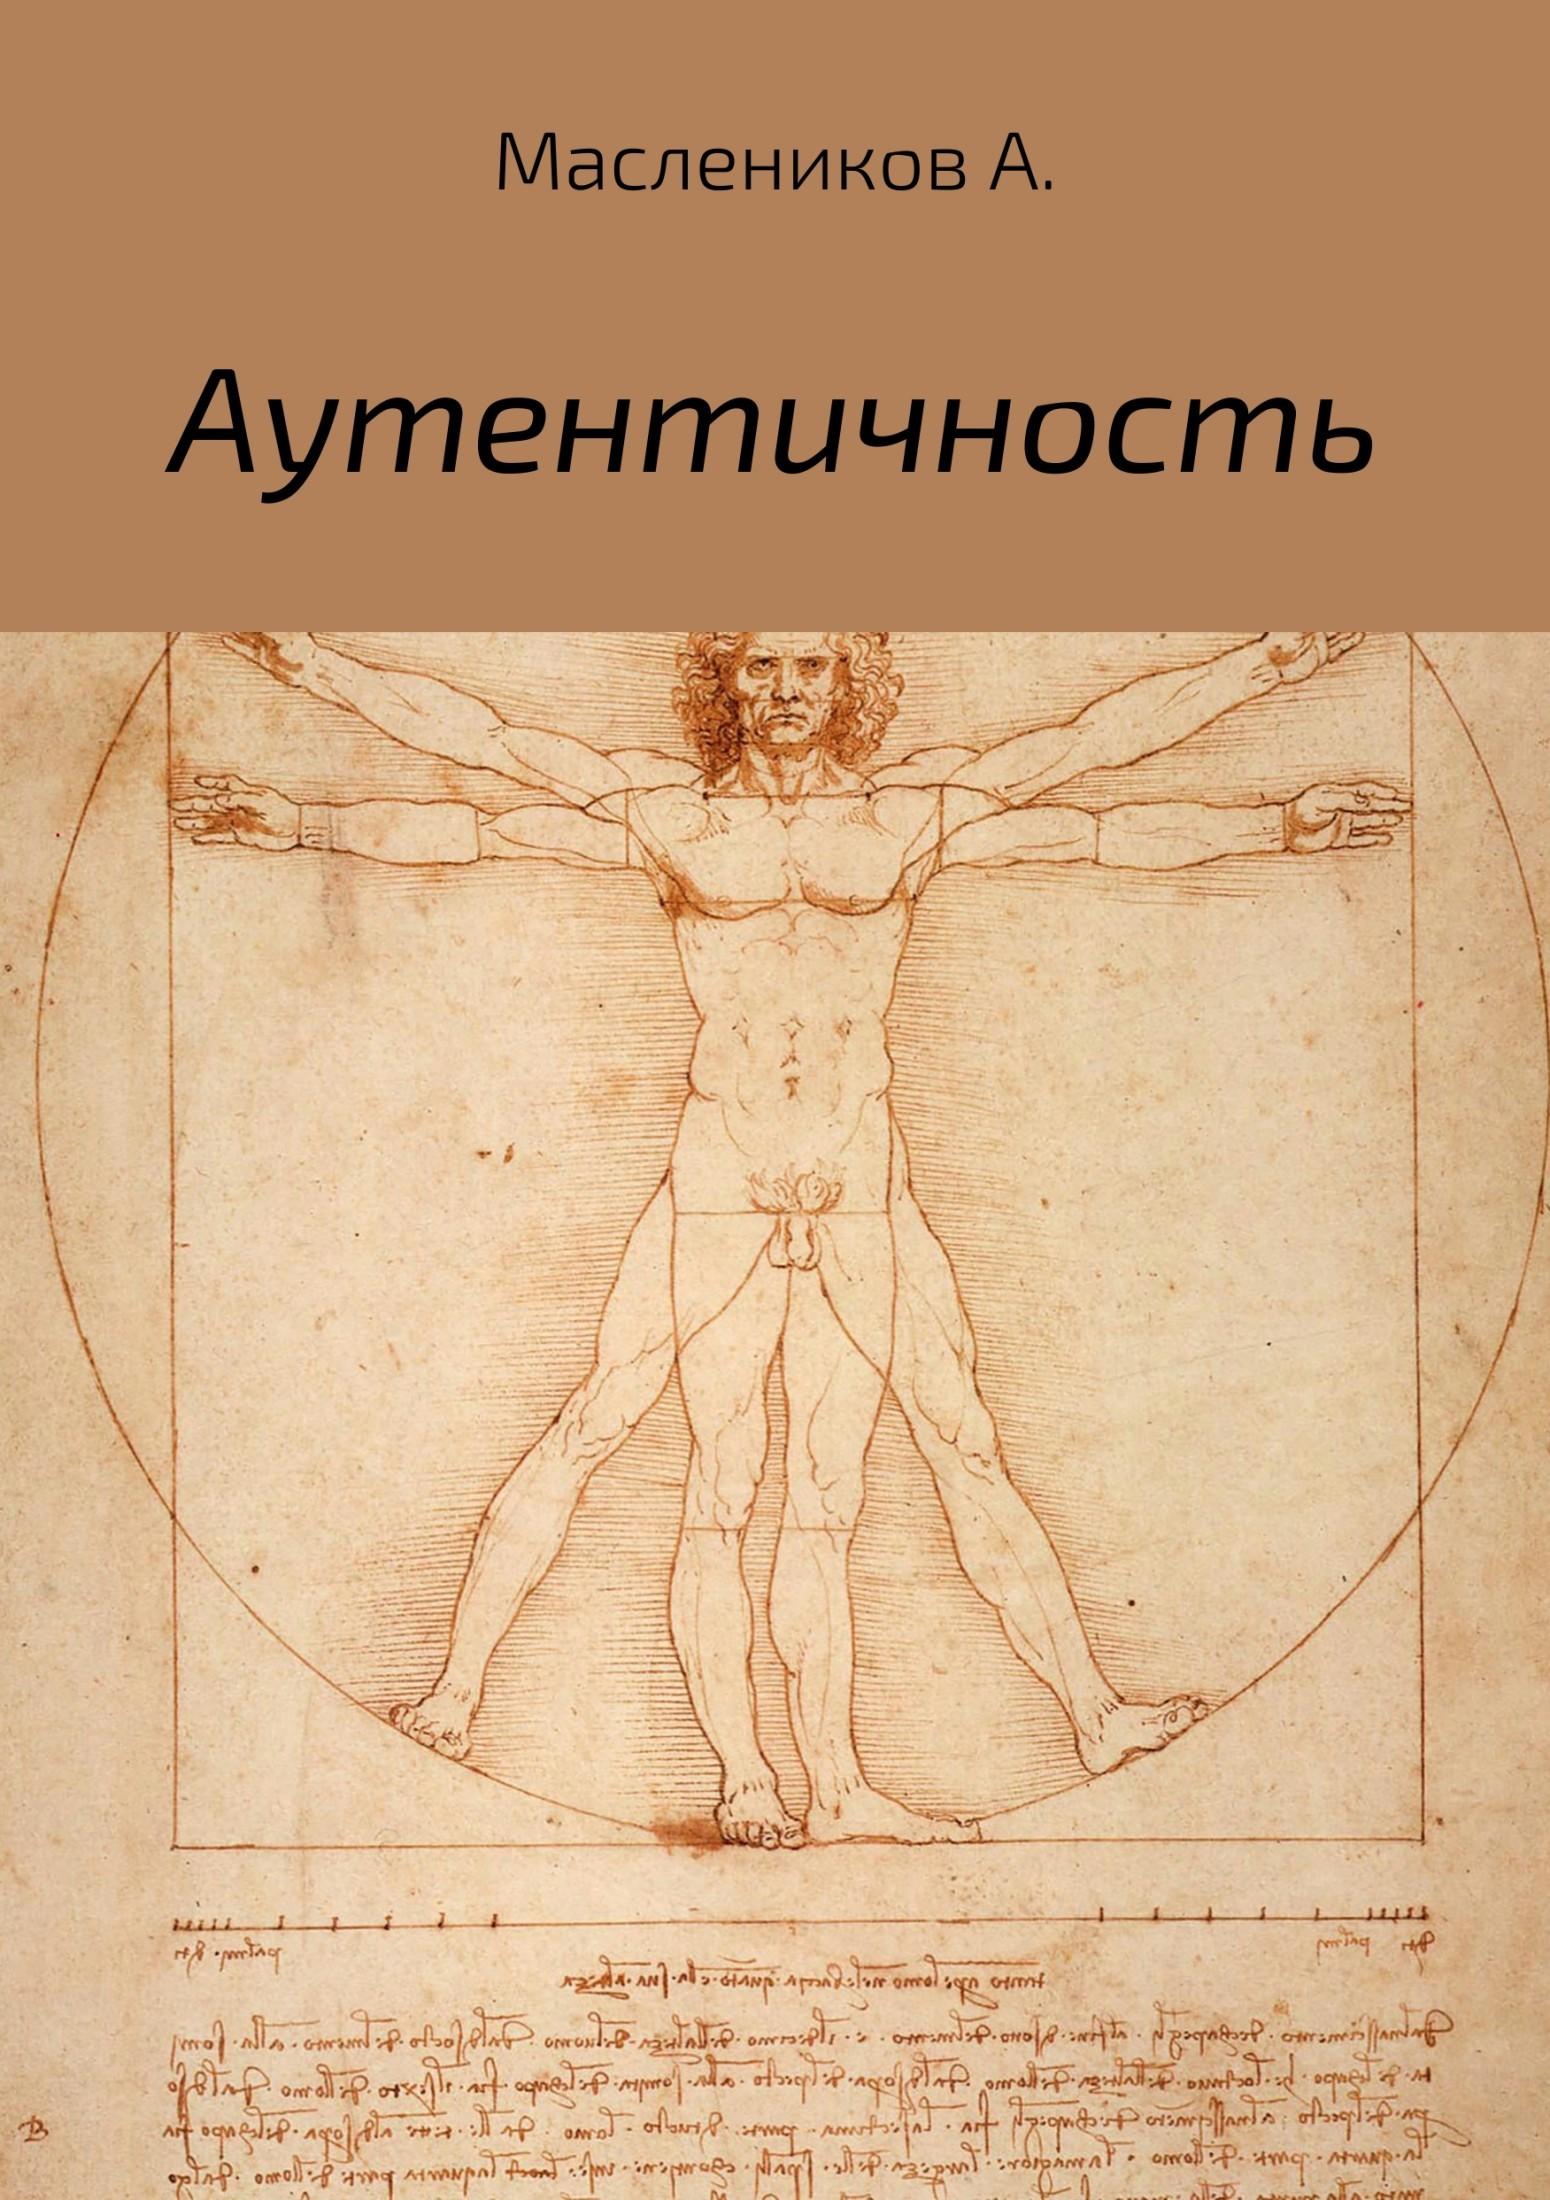 Александр Александрович Маслеников. Аутентичность